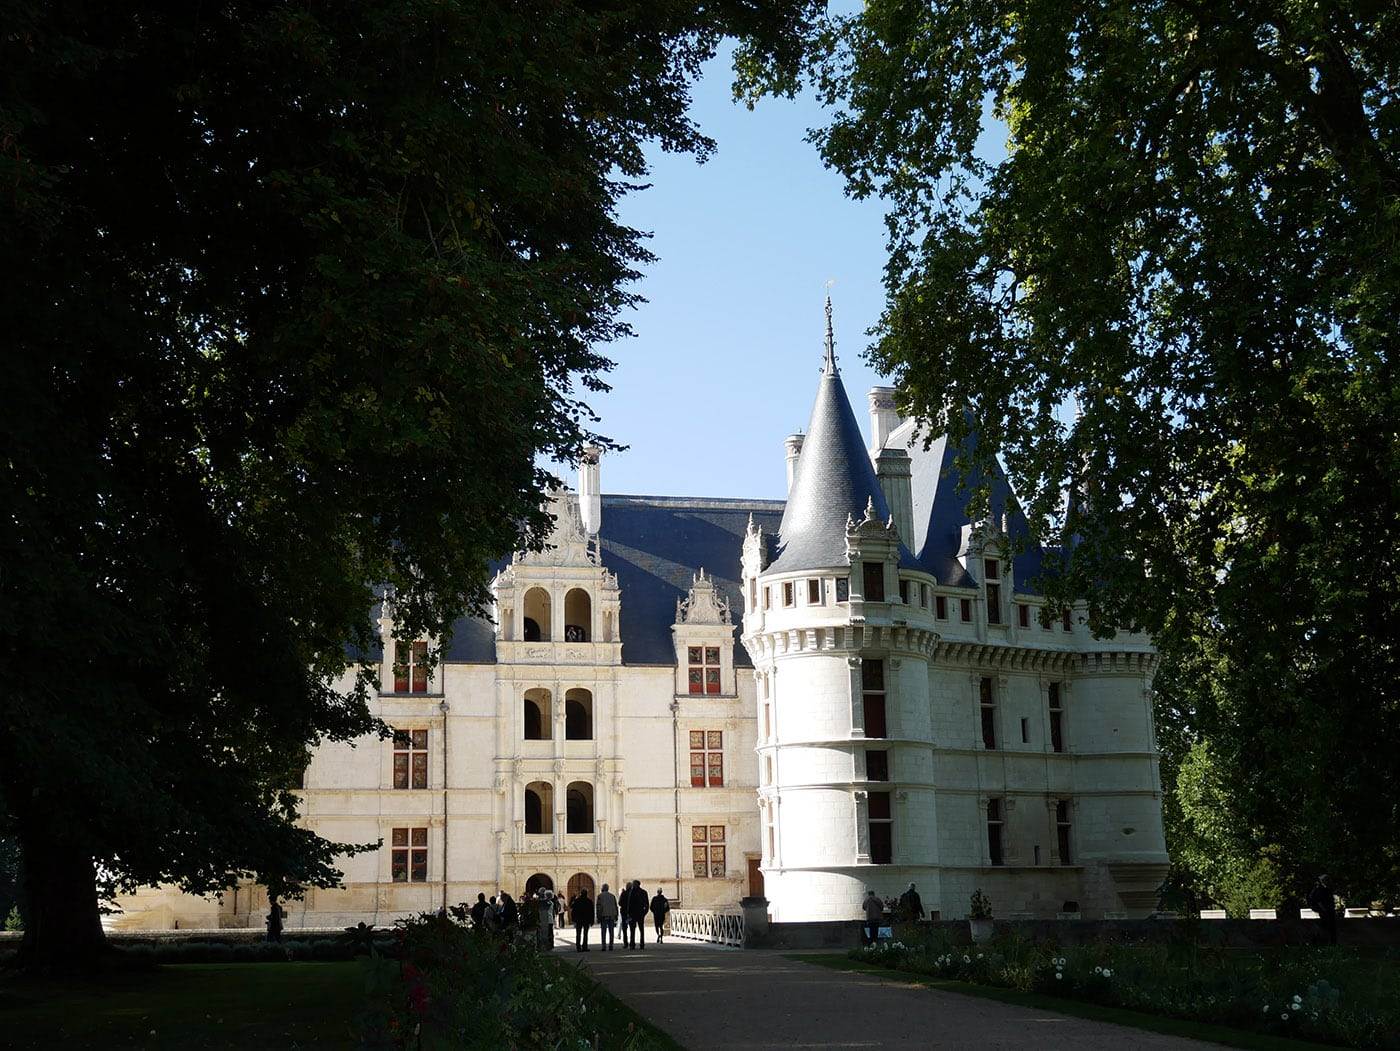 La renaissance du ch teau d azay le rideau - Les jardins renaissance azay le rideau ...